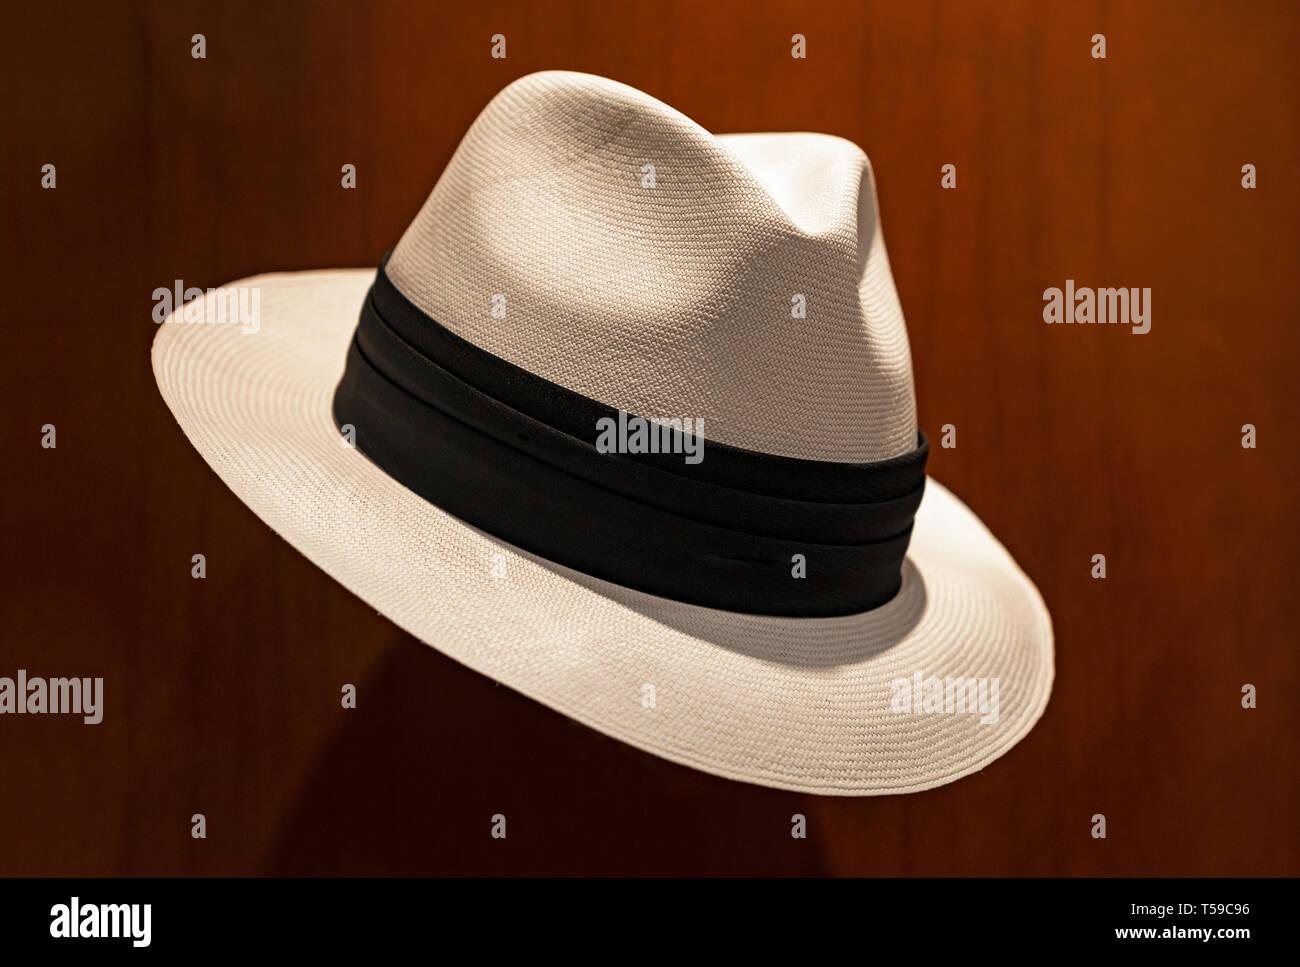 74f5532757 Un sombrero de Panamá o rebosado tradicional sombrero de paja toquilla de  la palma